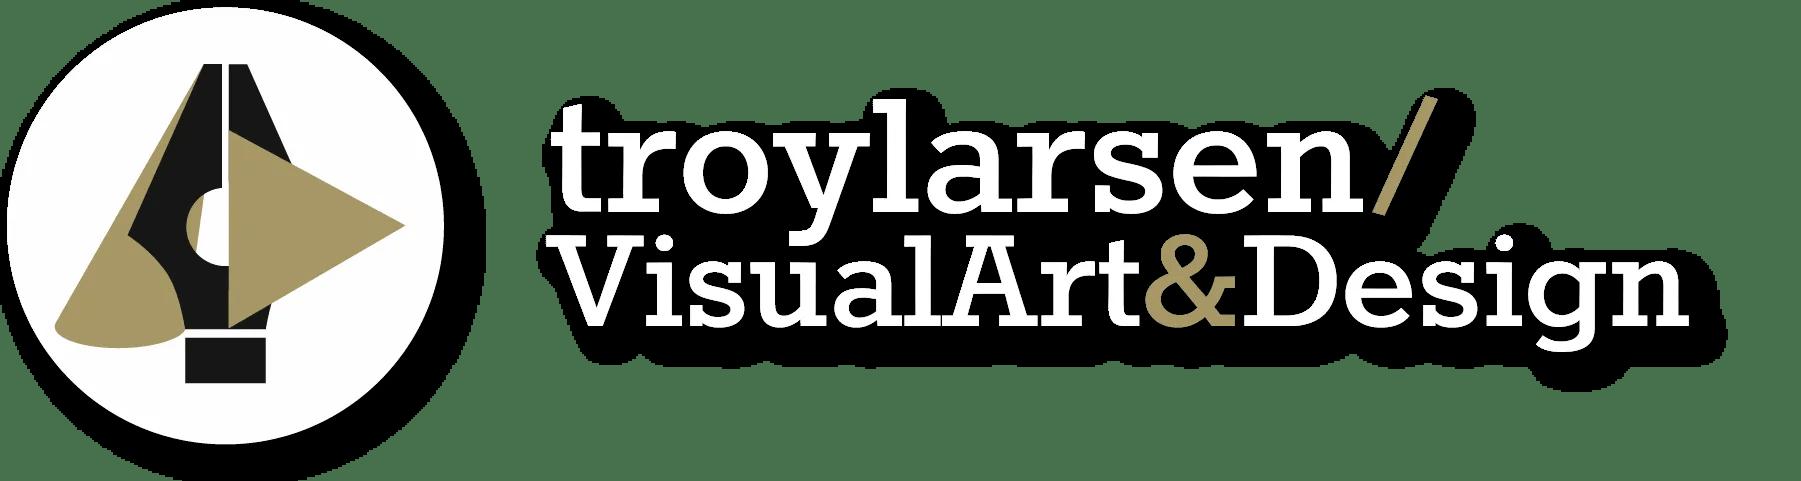 troylarsen.com